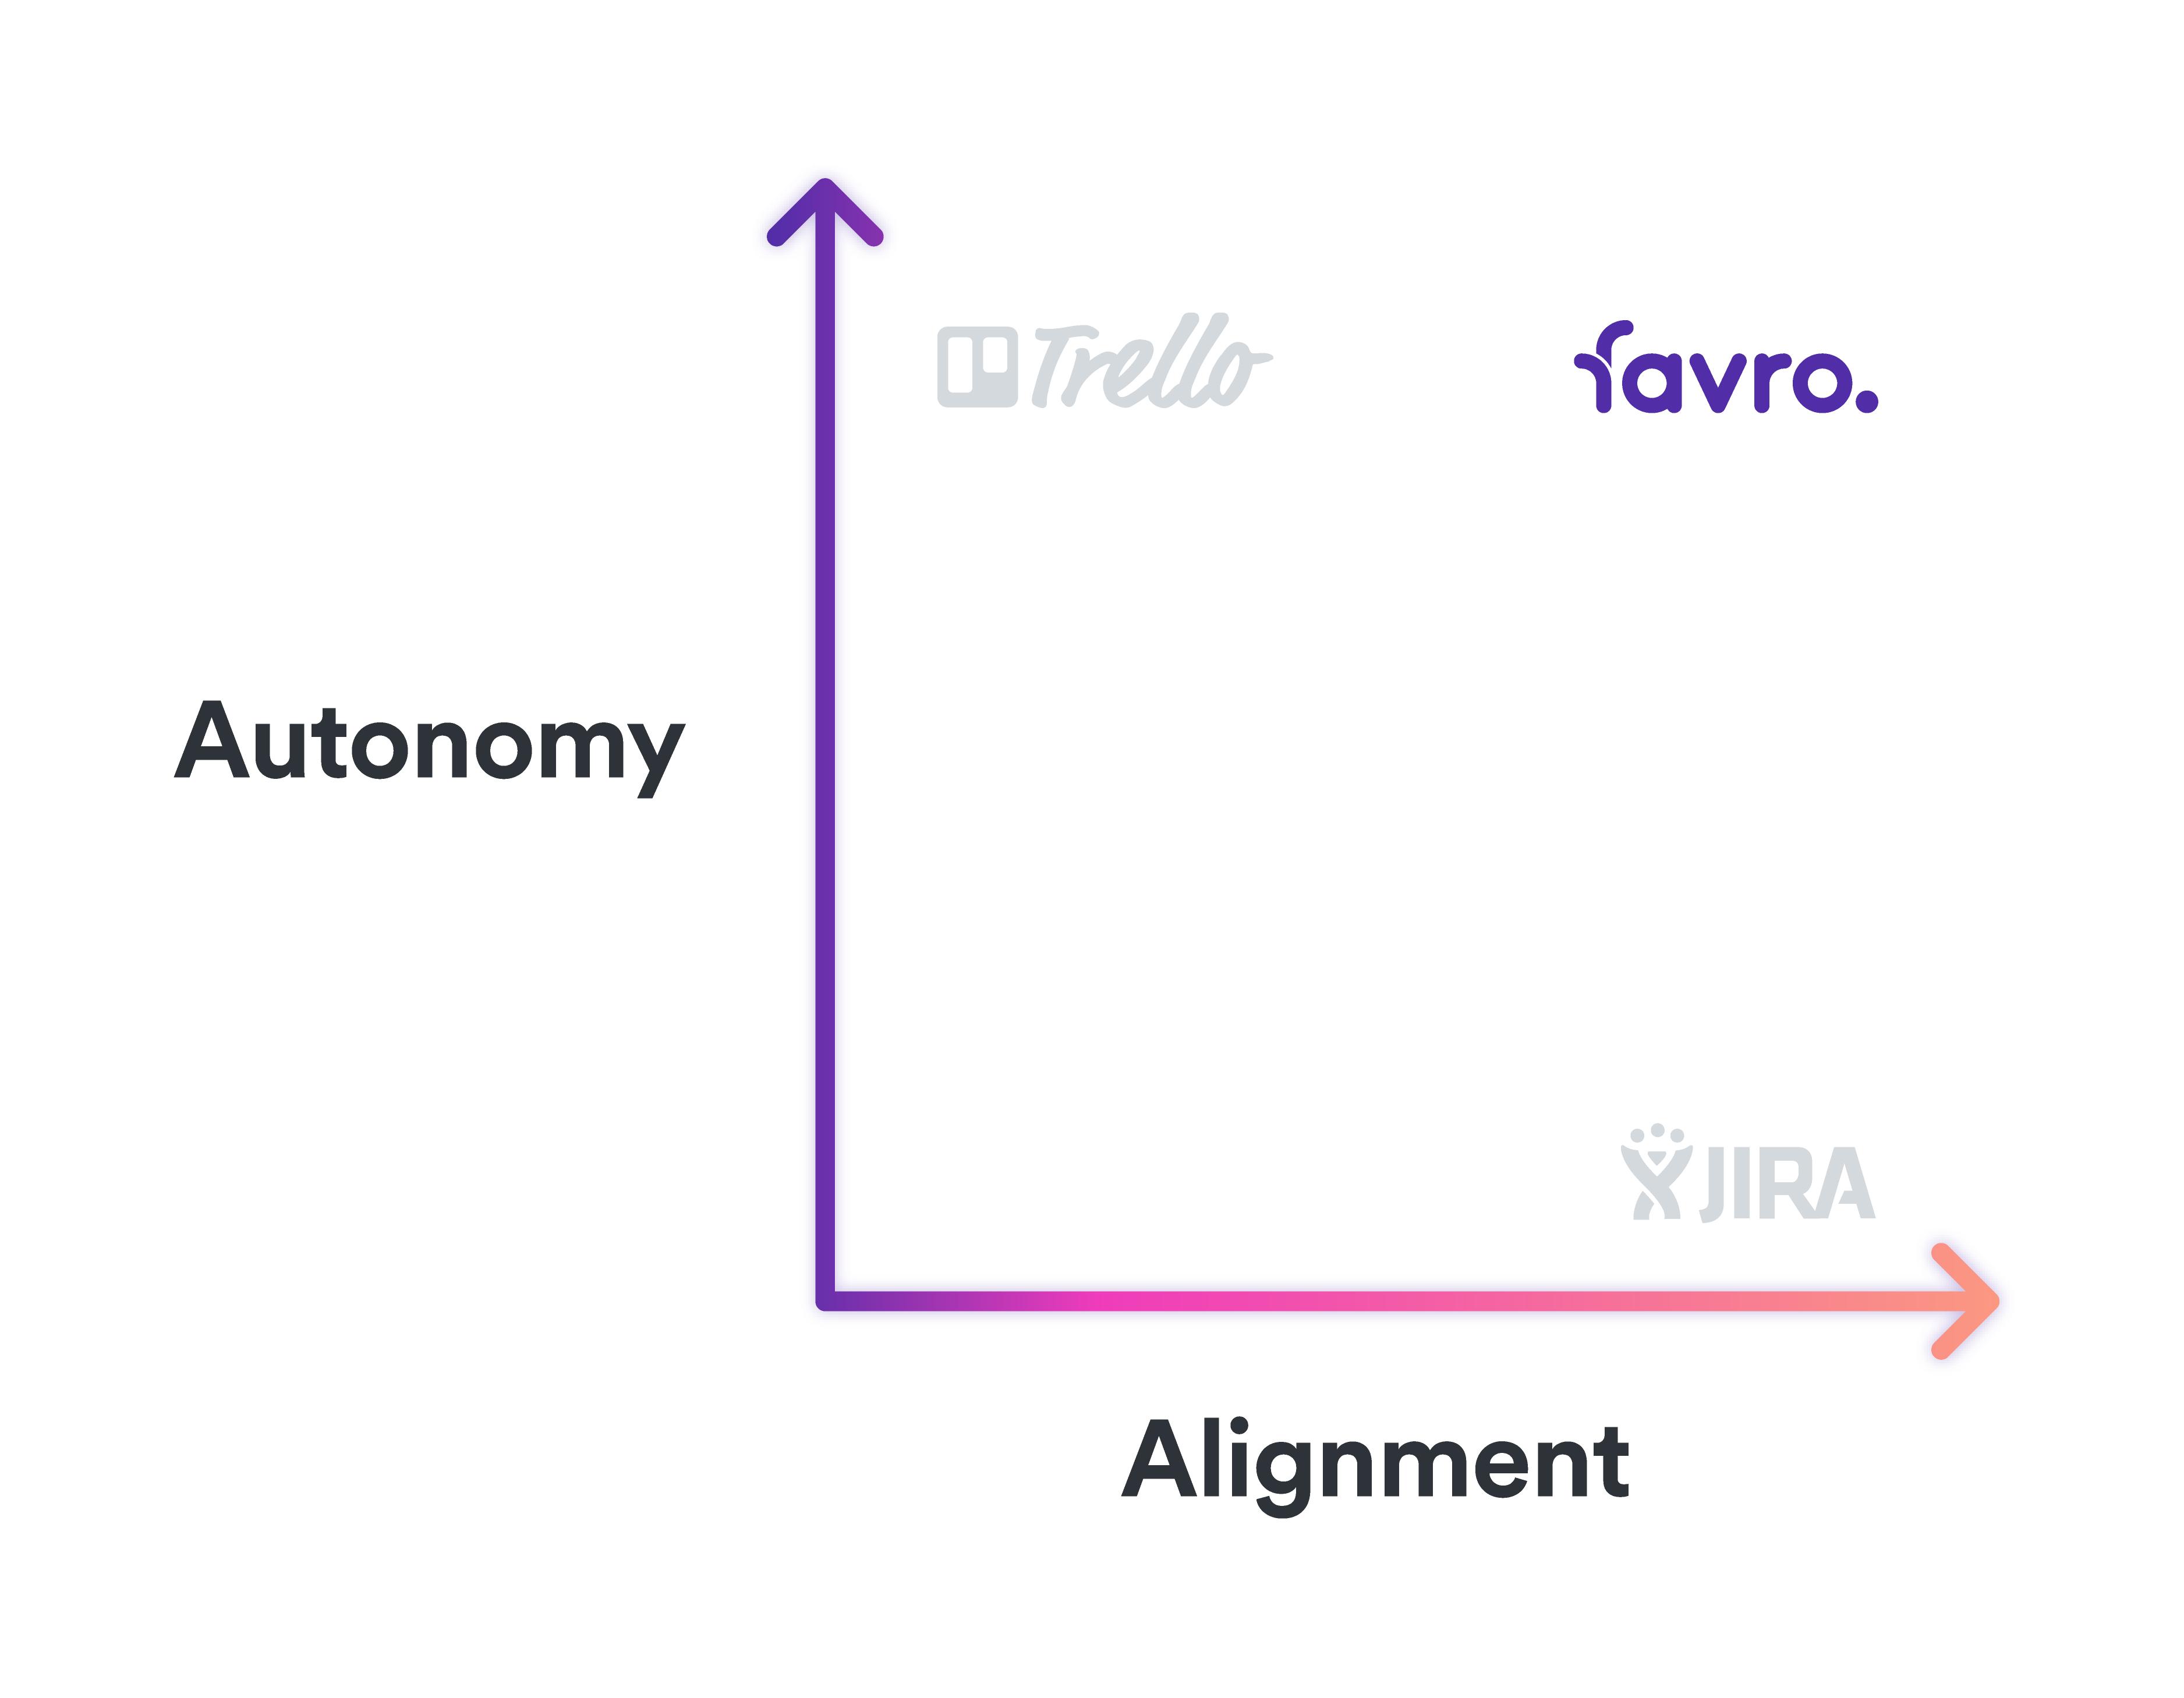 where favro fits in autonomy vs alignment